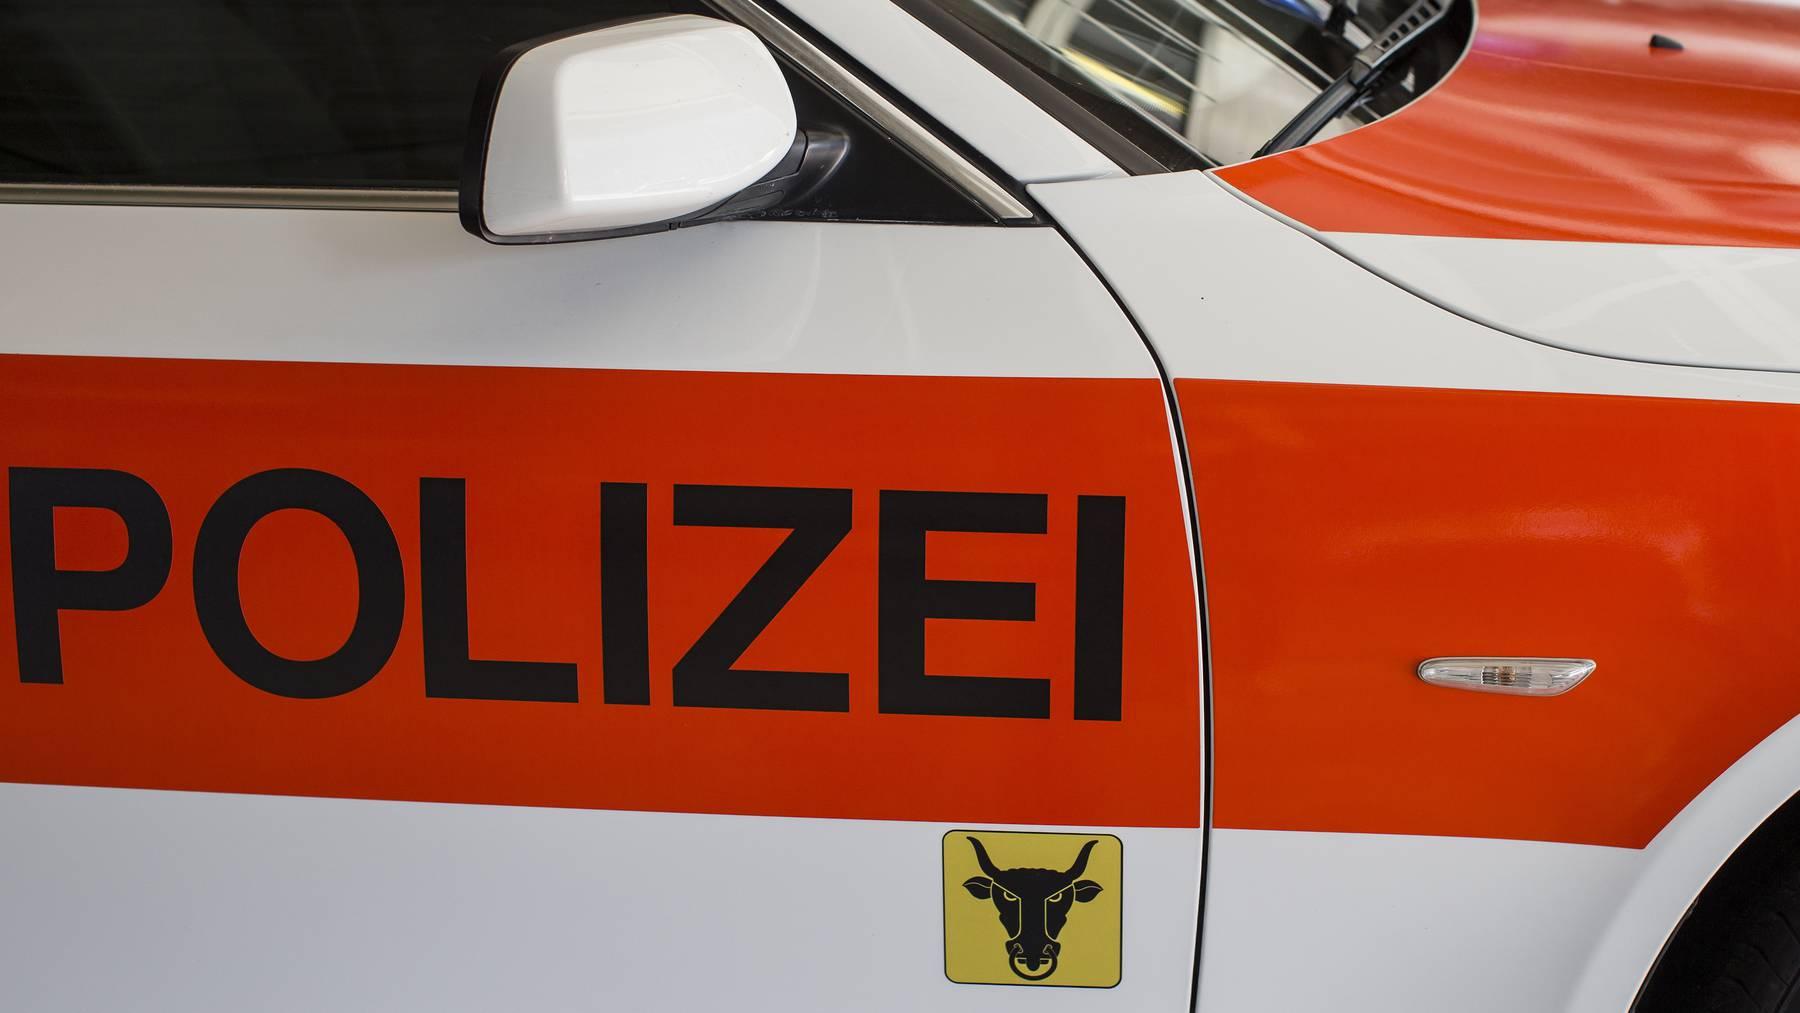 Detailaufnahme eines Einsatzfahrzeuges der Kantonspolizei Uri, aufgenommen am 6. August 2015 in Flueelen